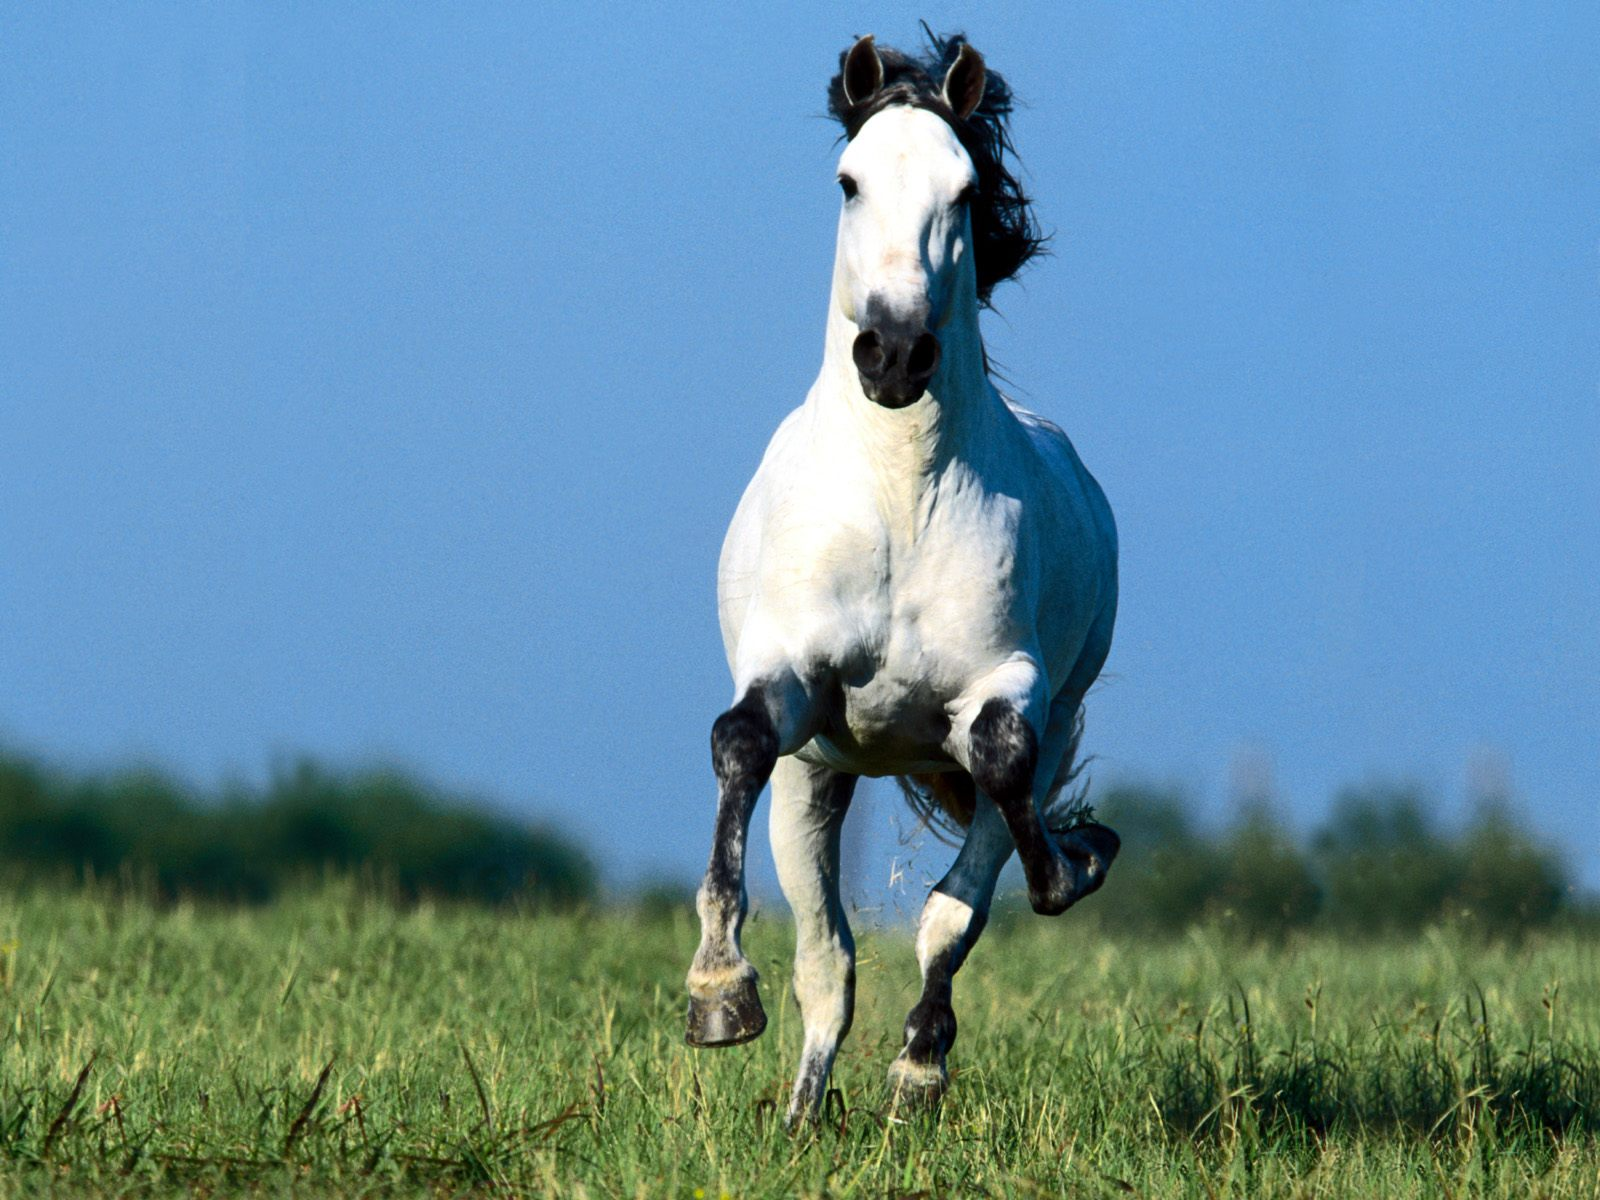 Running Horse Wallpapers White Horses Running Wallpapers for Desktop 1600x1200